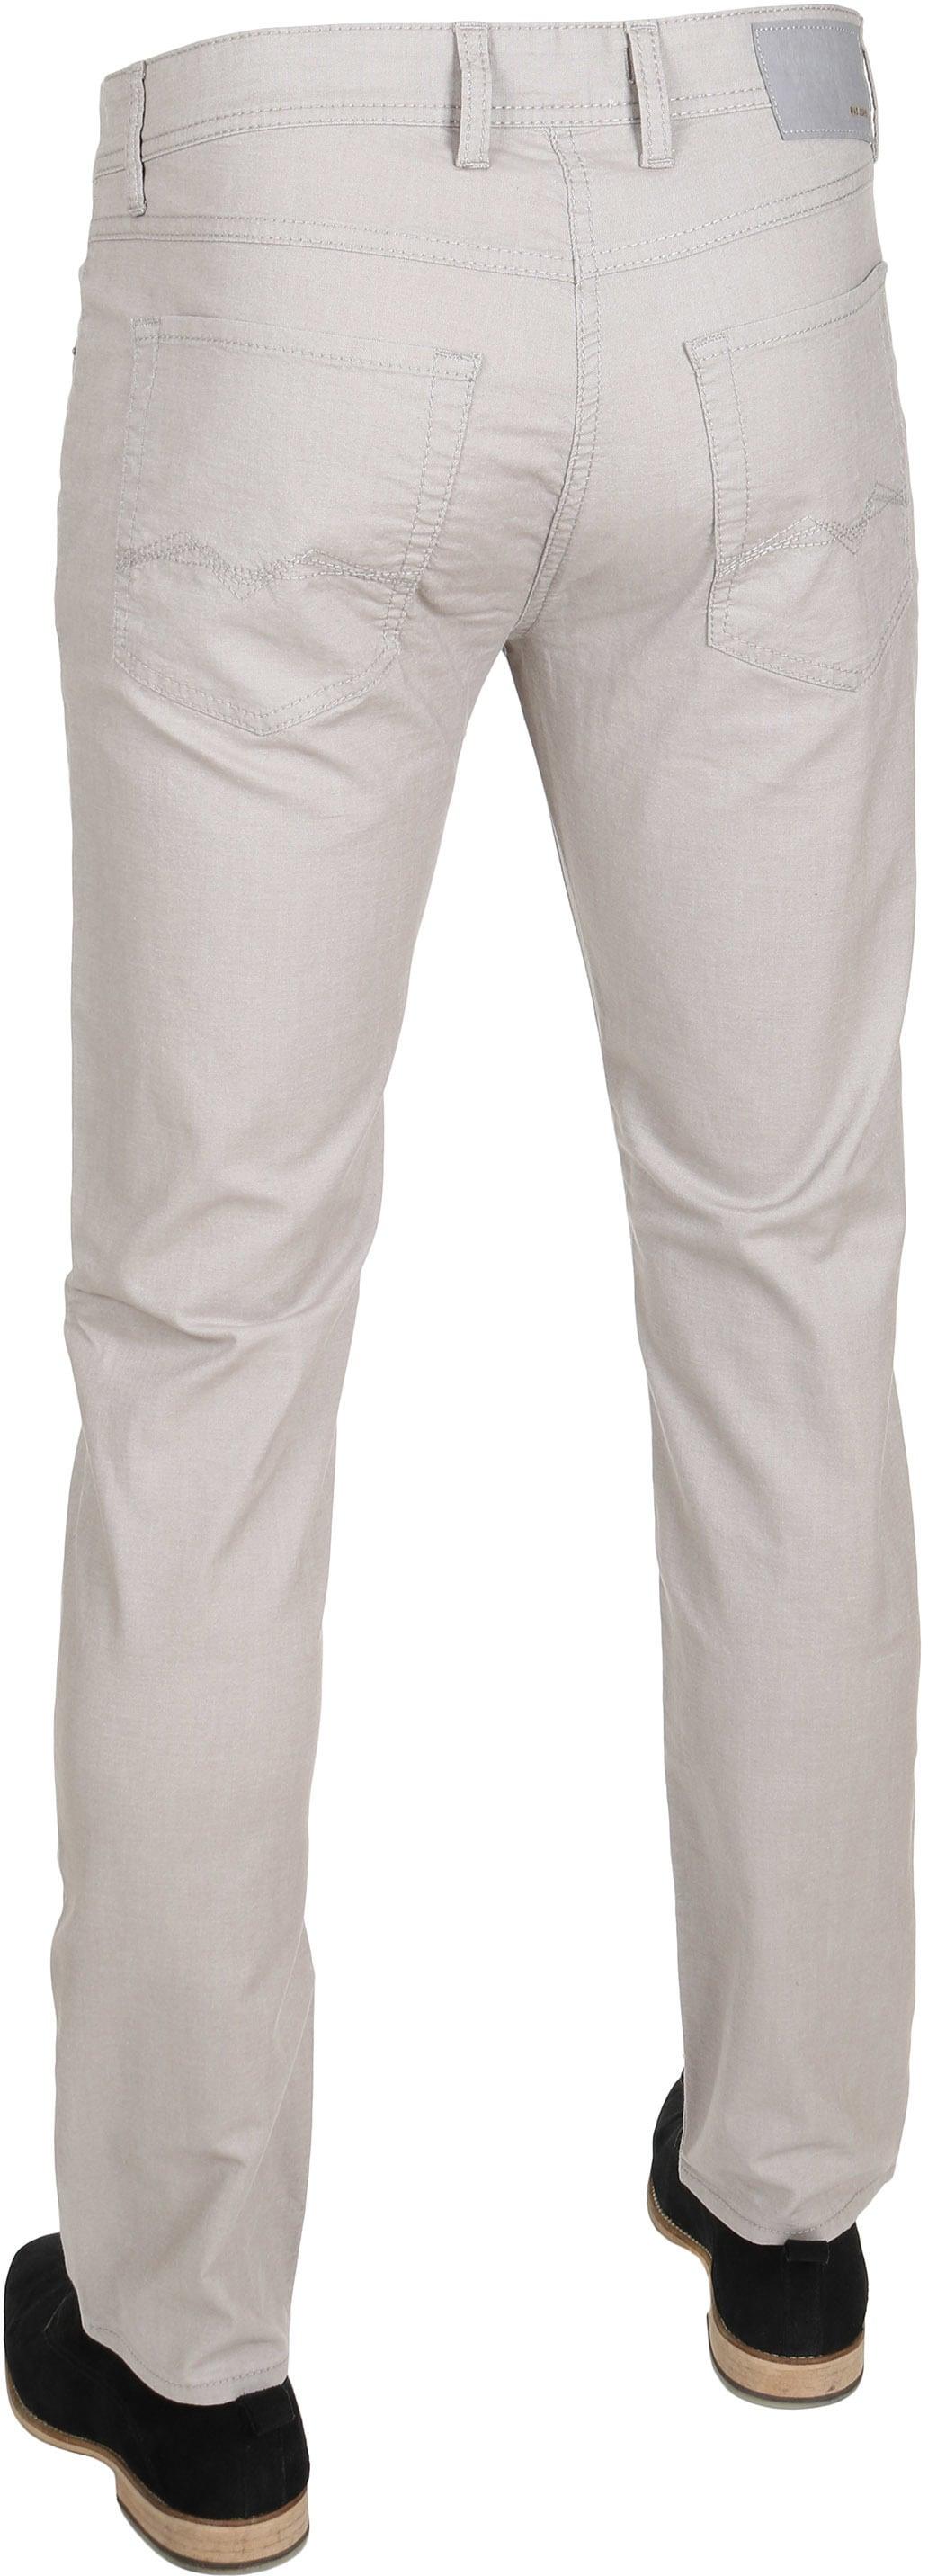 mac jeans arne modern fit beige 640051802 online bestellen suitable. Black Bedroom Furniture Sets. Home Design Ideas